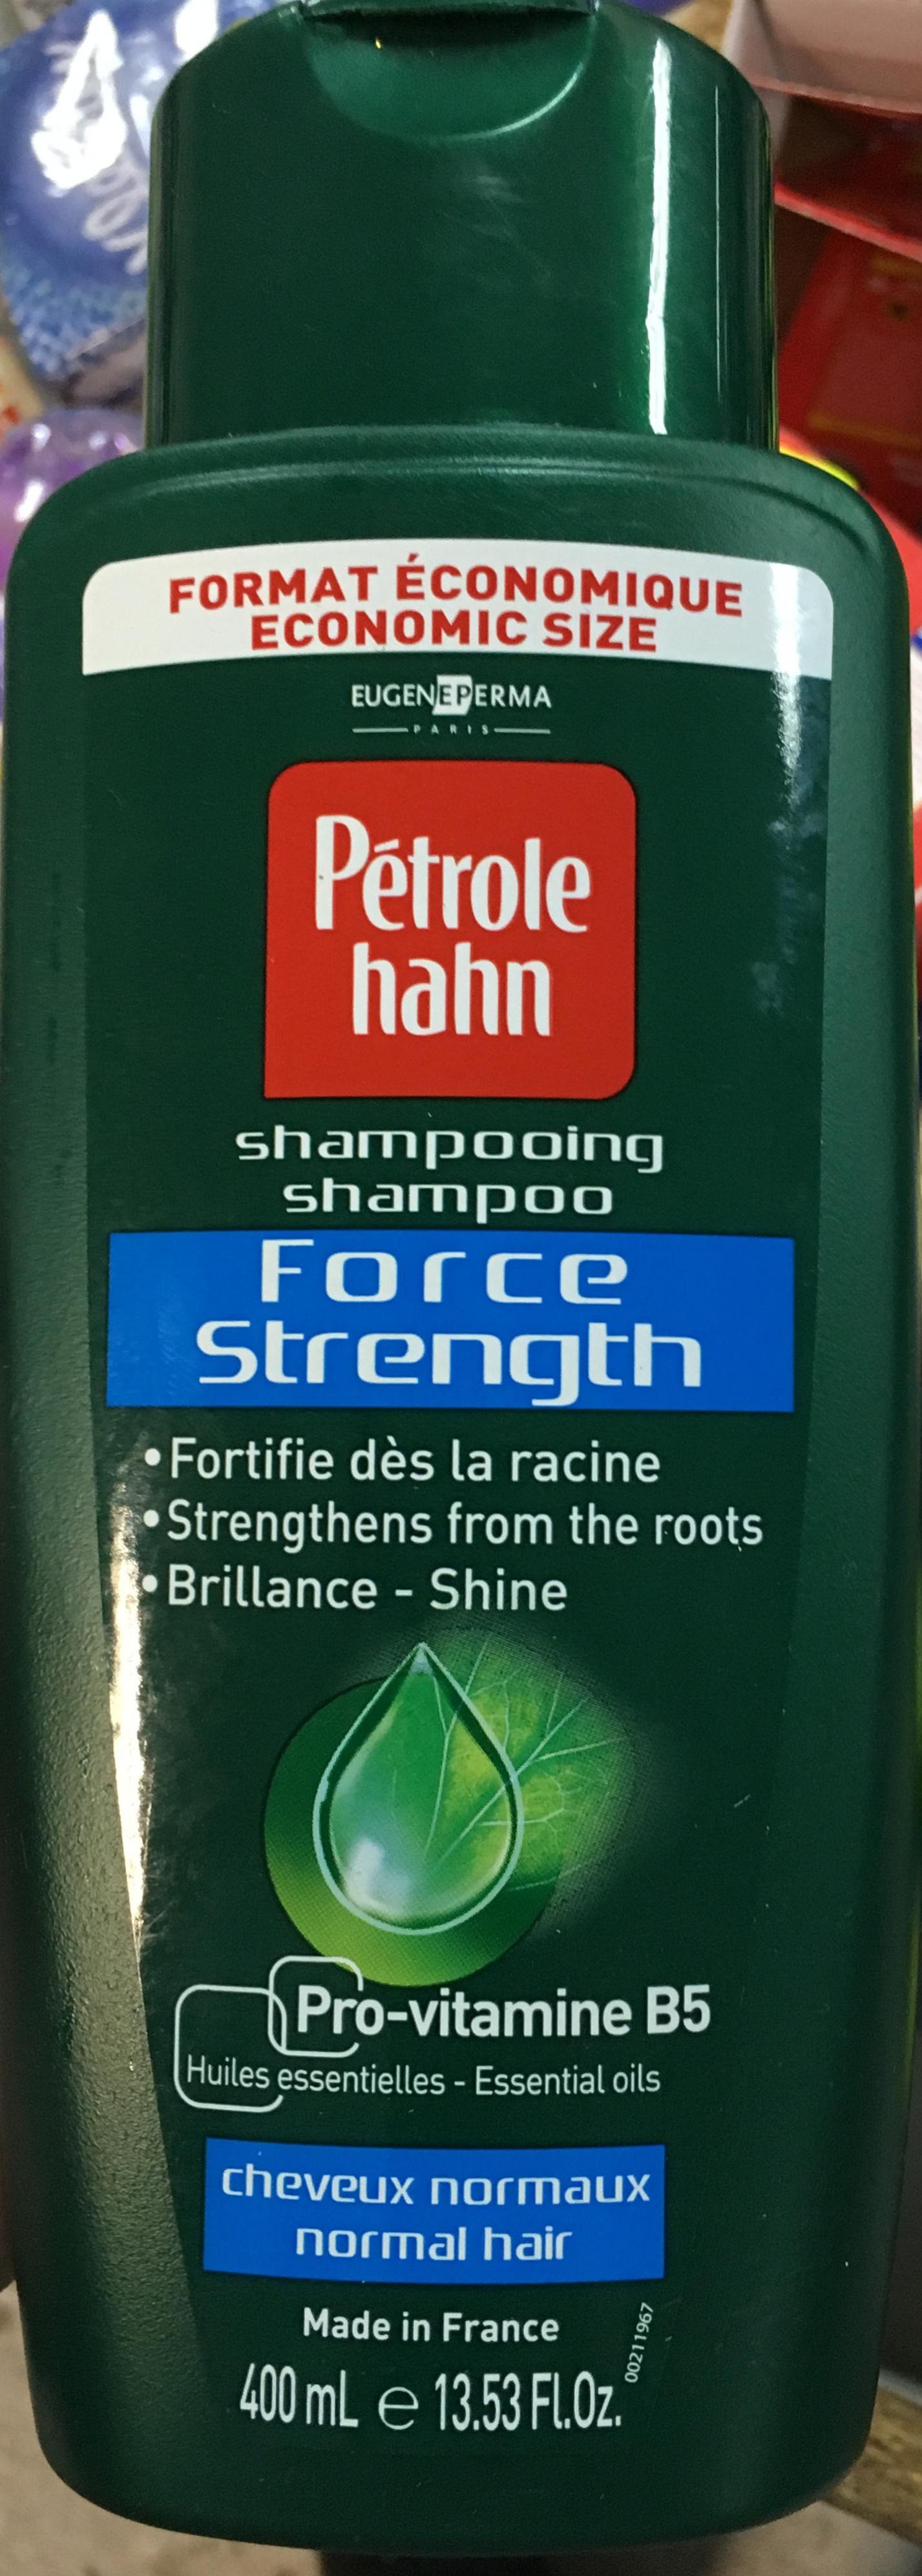 Shampooing Force (format économique) - Product - fr